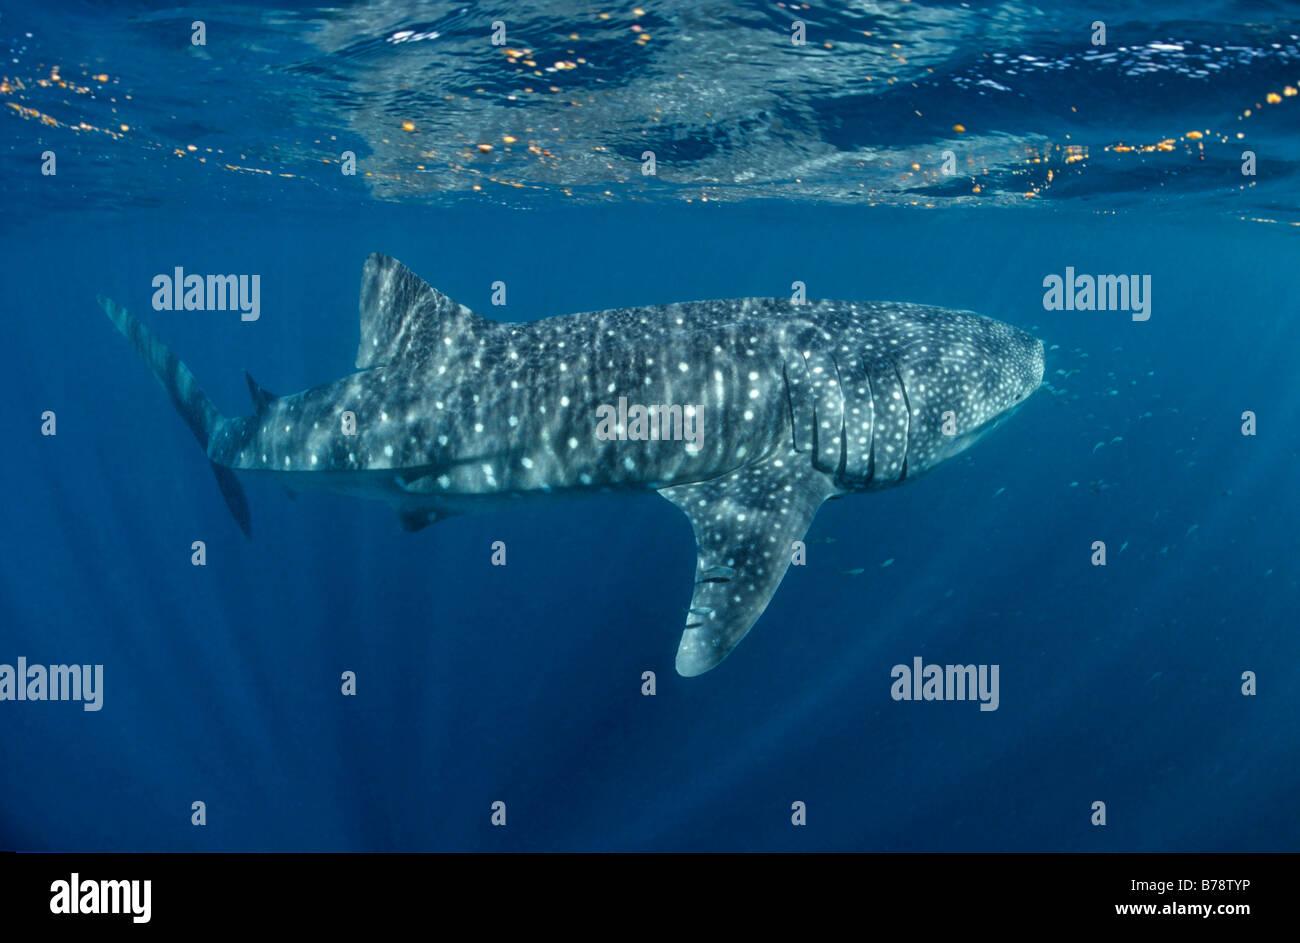 Whale Shark (Rhincodon Typus) Schwimmen unter der Oberfläche des Meeres, Ari Atoll, Malediven, Indischer Ozean, Stockbild